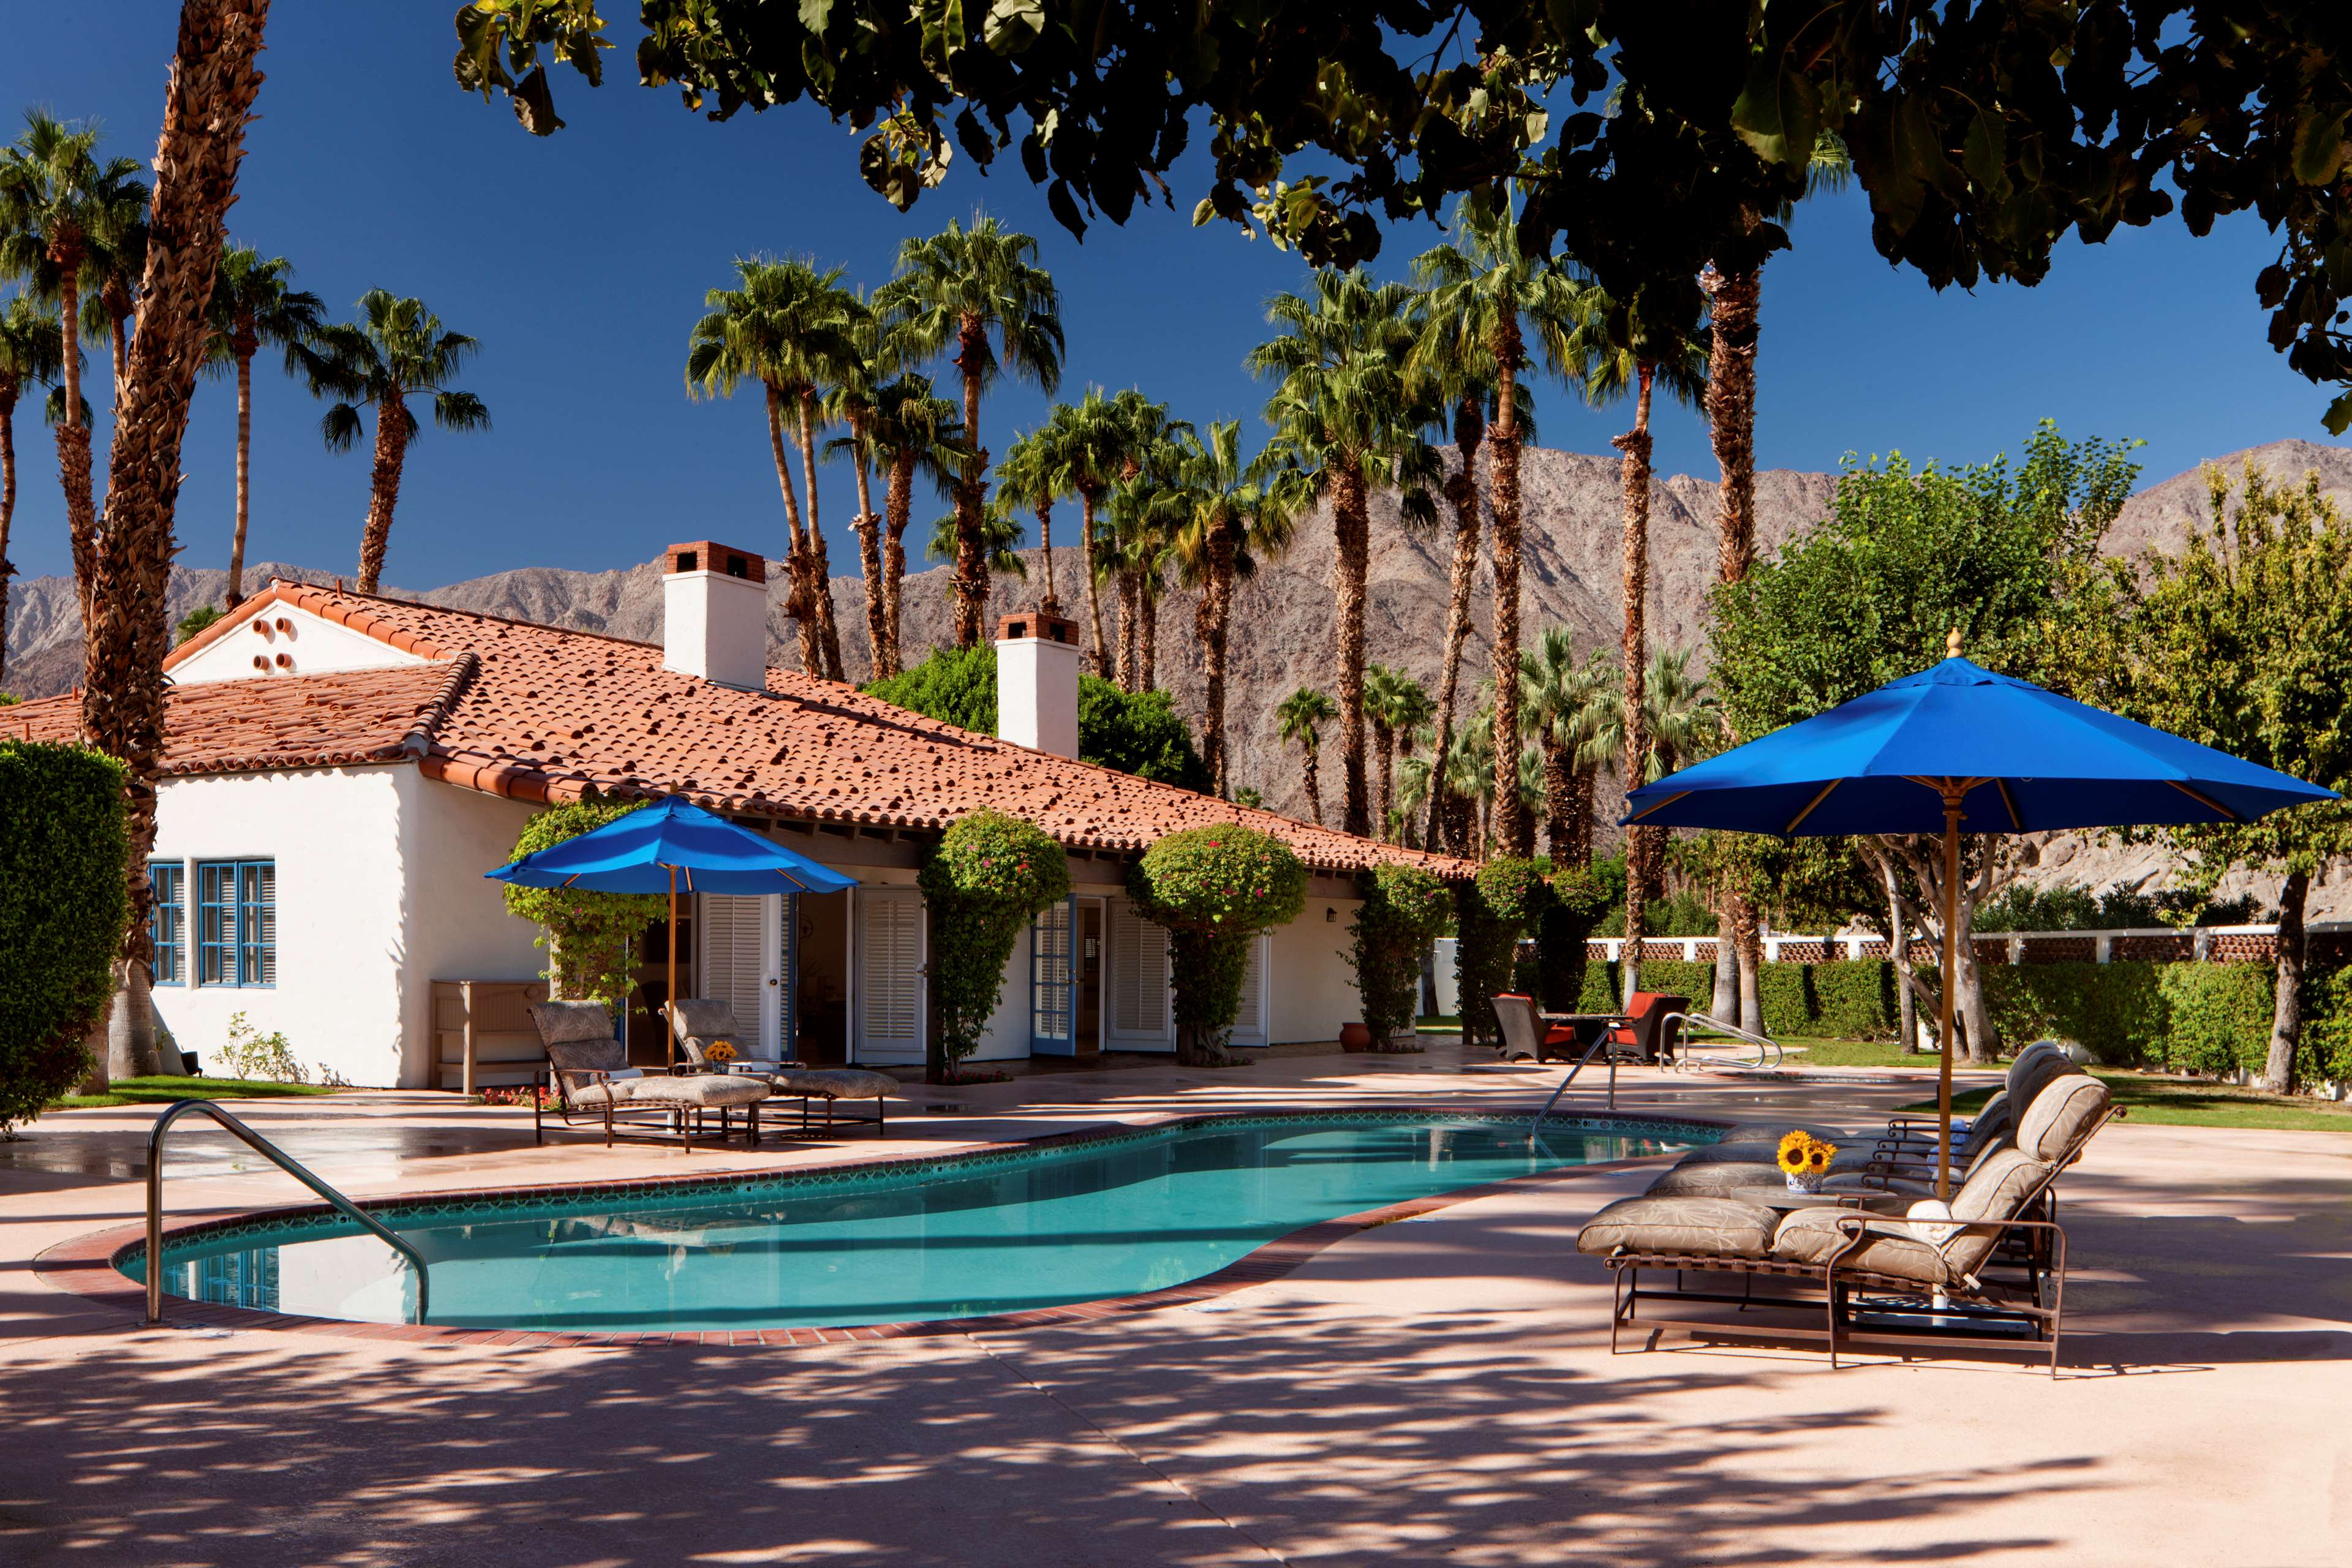 La Quinta Resort & Club, A Waldorf Astoria Resort image 9